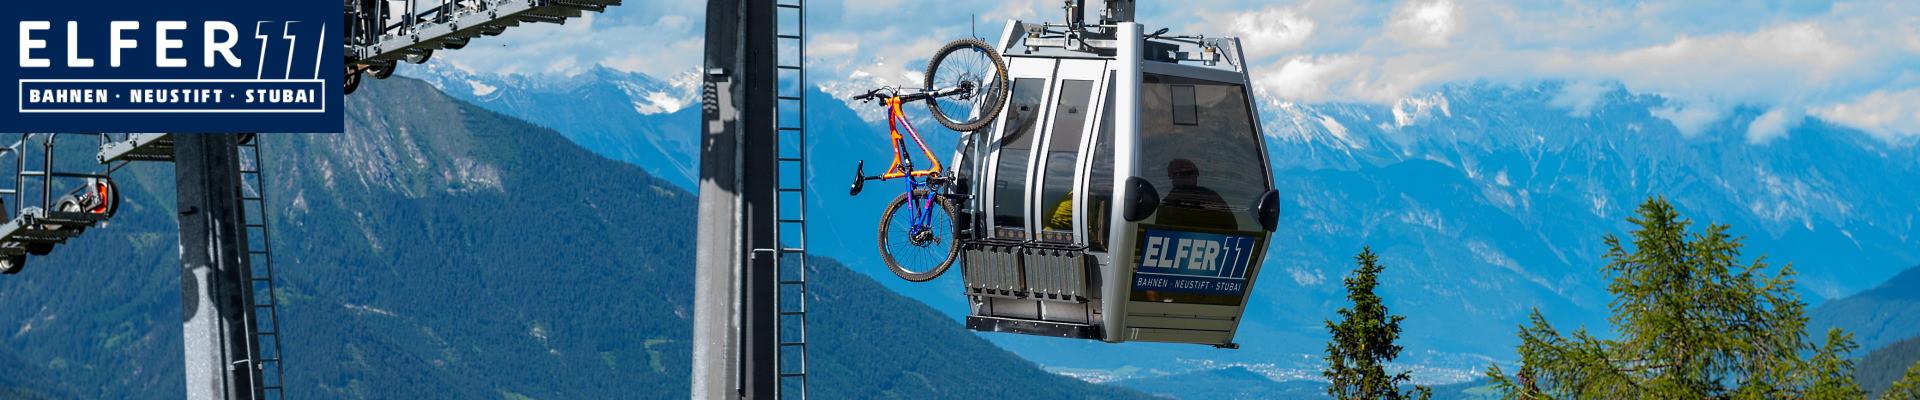 Elferbahnen gondola with mountain bike